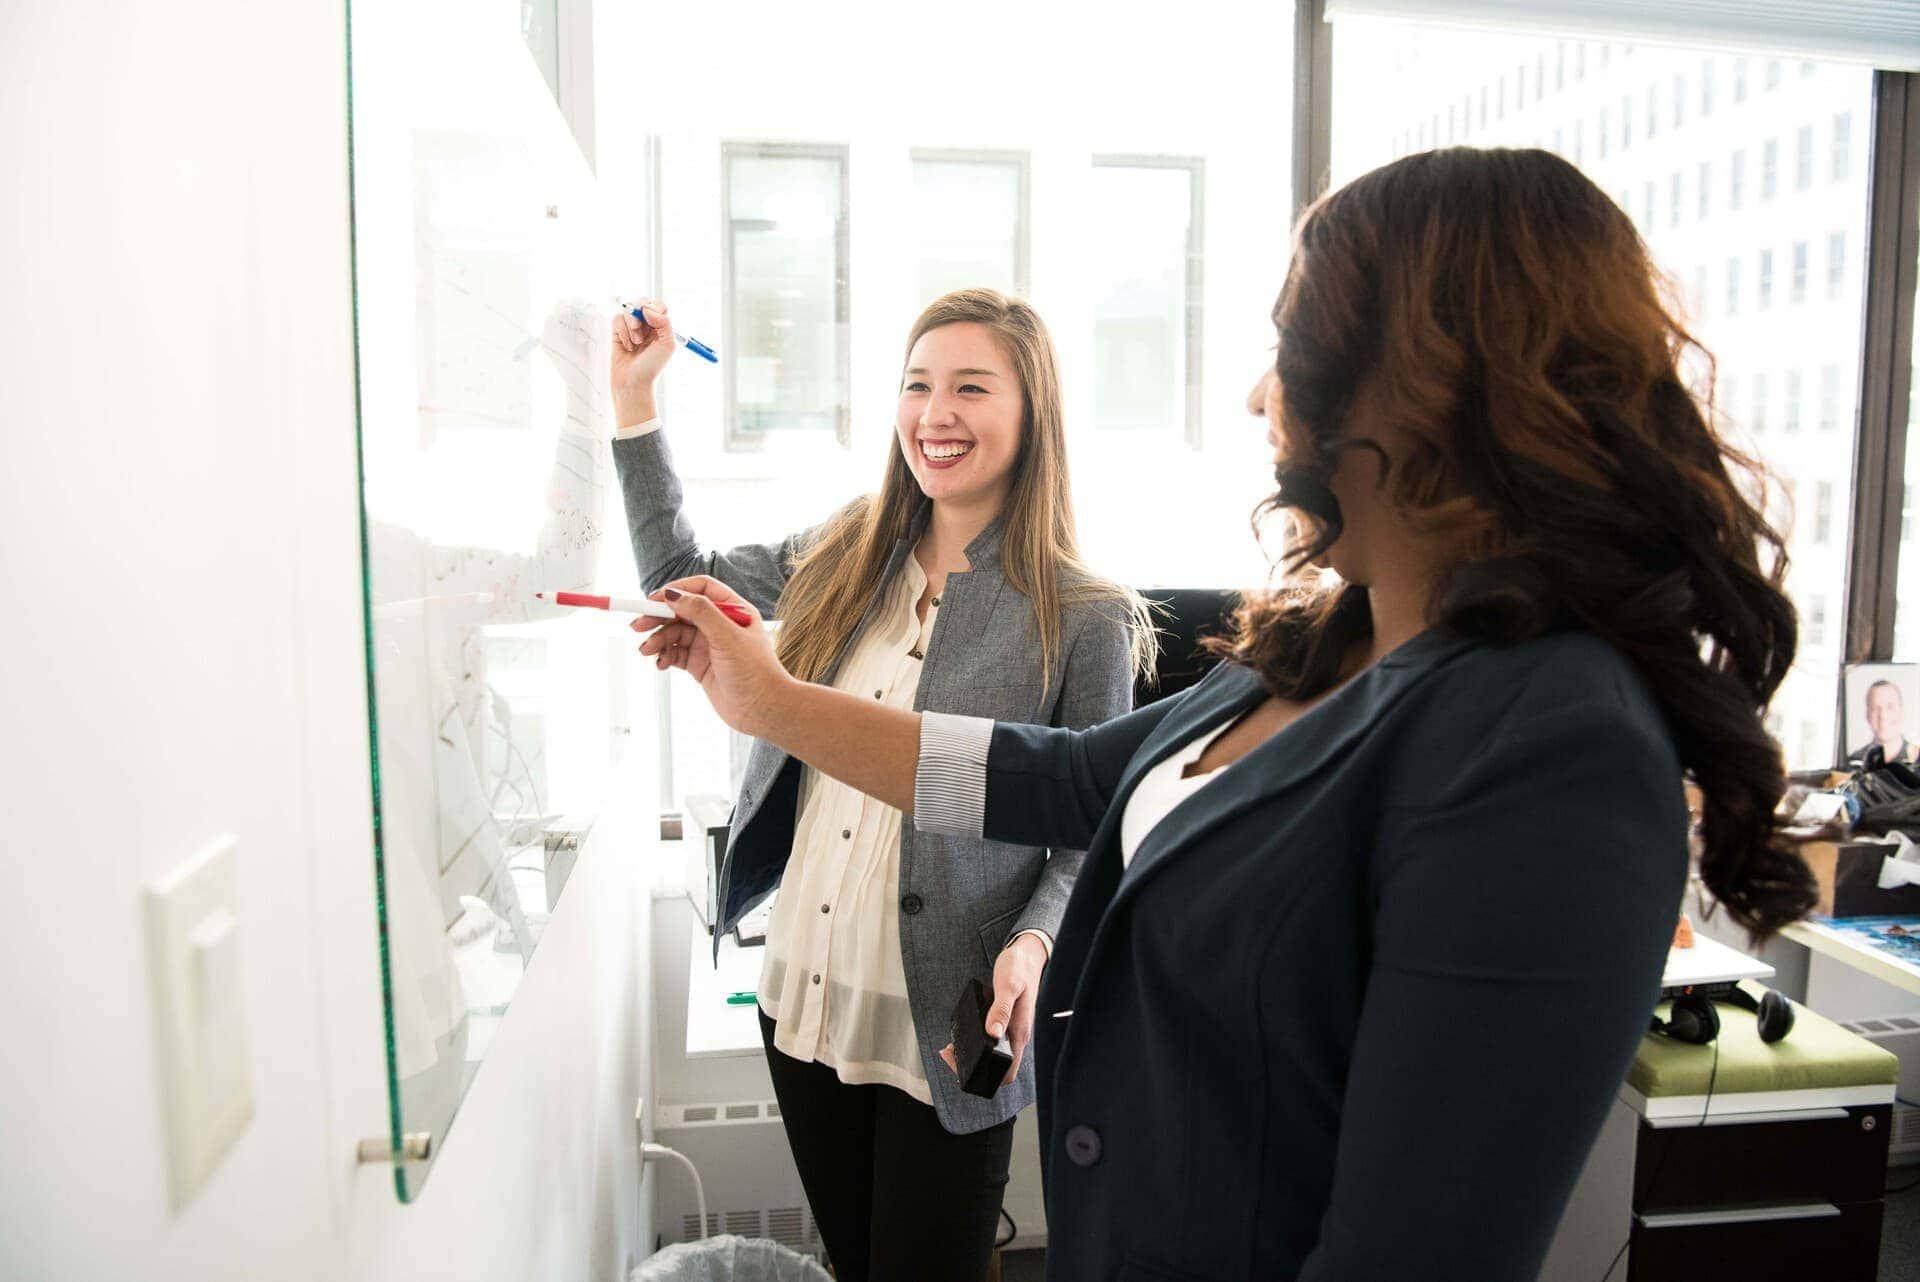 Markt Lappersdorf sucht eine Auszubildende/r zur/m Verwaltungsfachangestellte Solide Ausbildung im öffentlichen Dienst